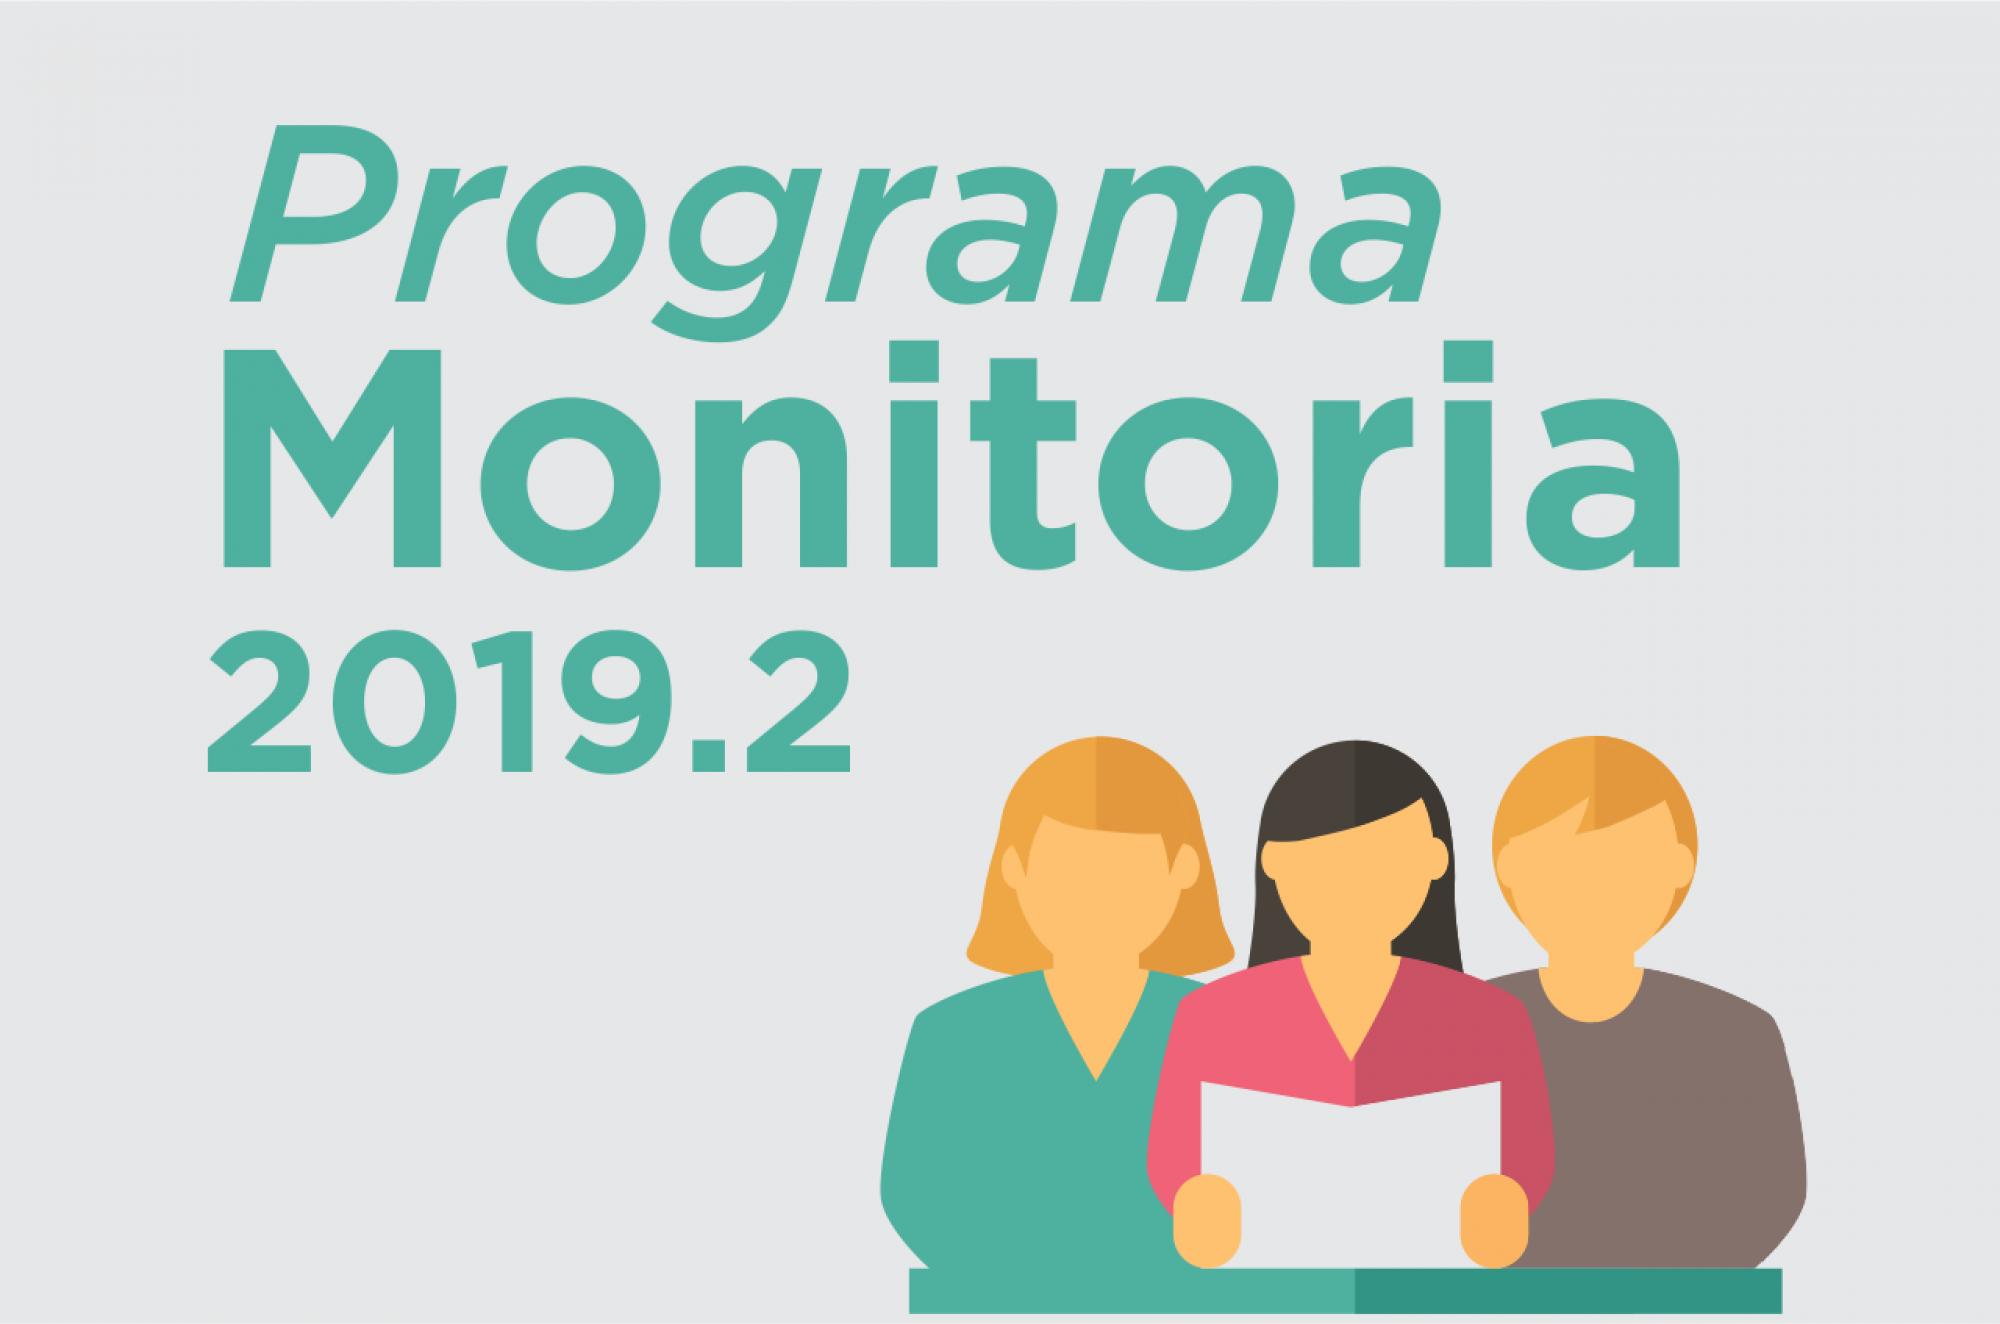 Programa de Monitoria 2019.2 - selecionados para as entrevistas